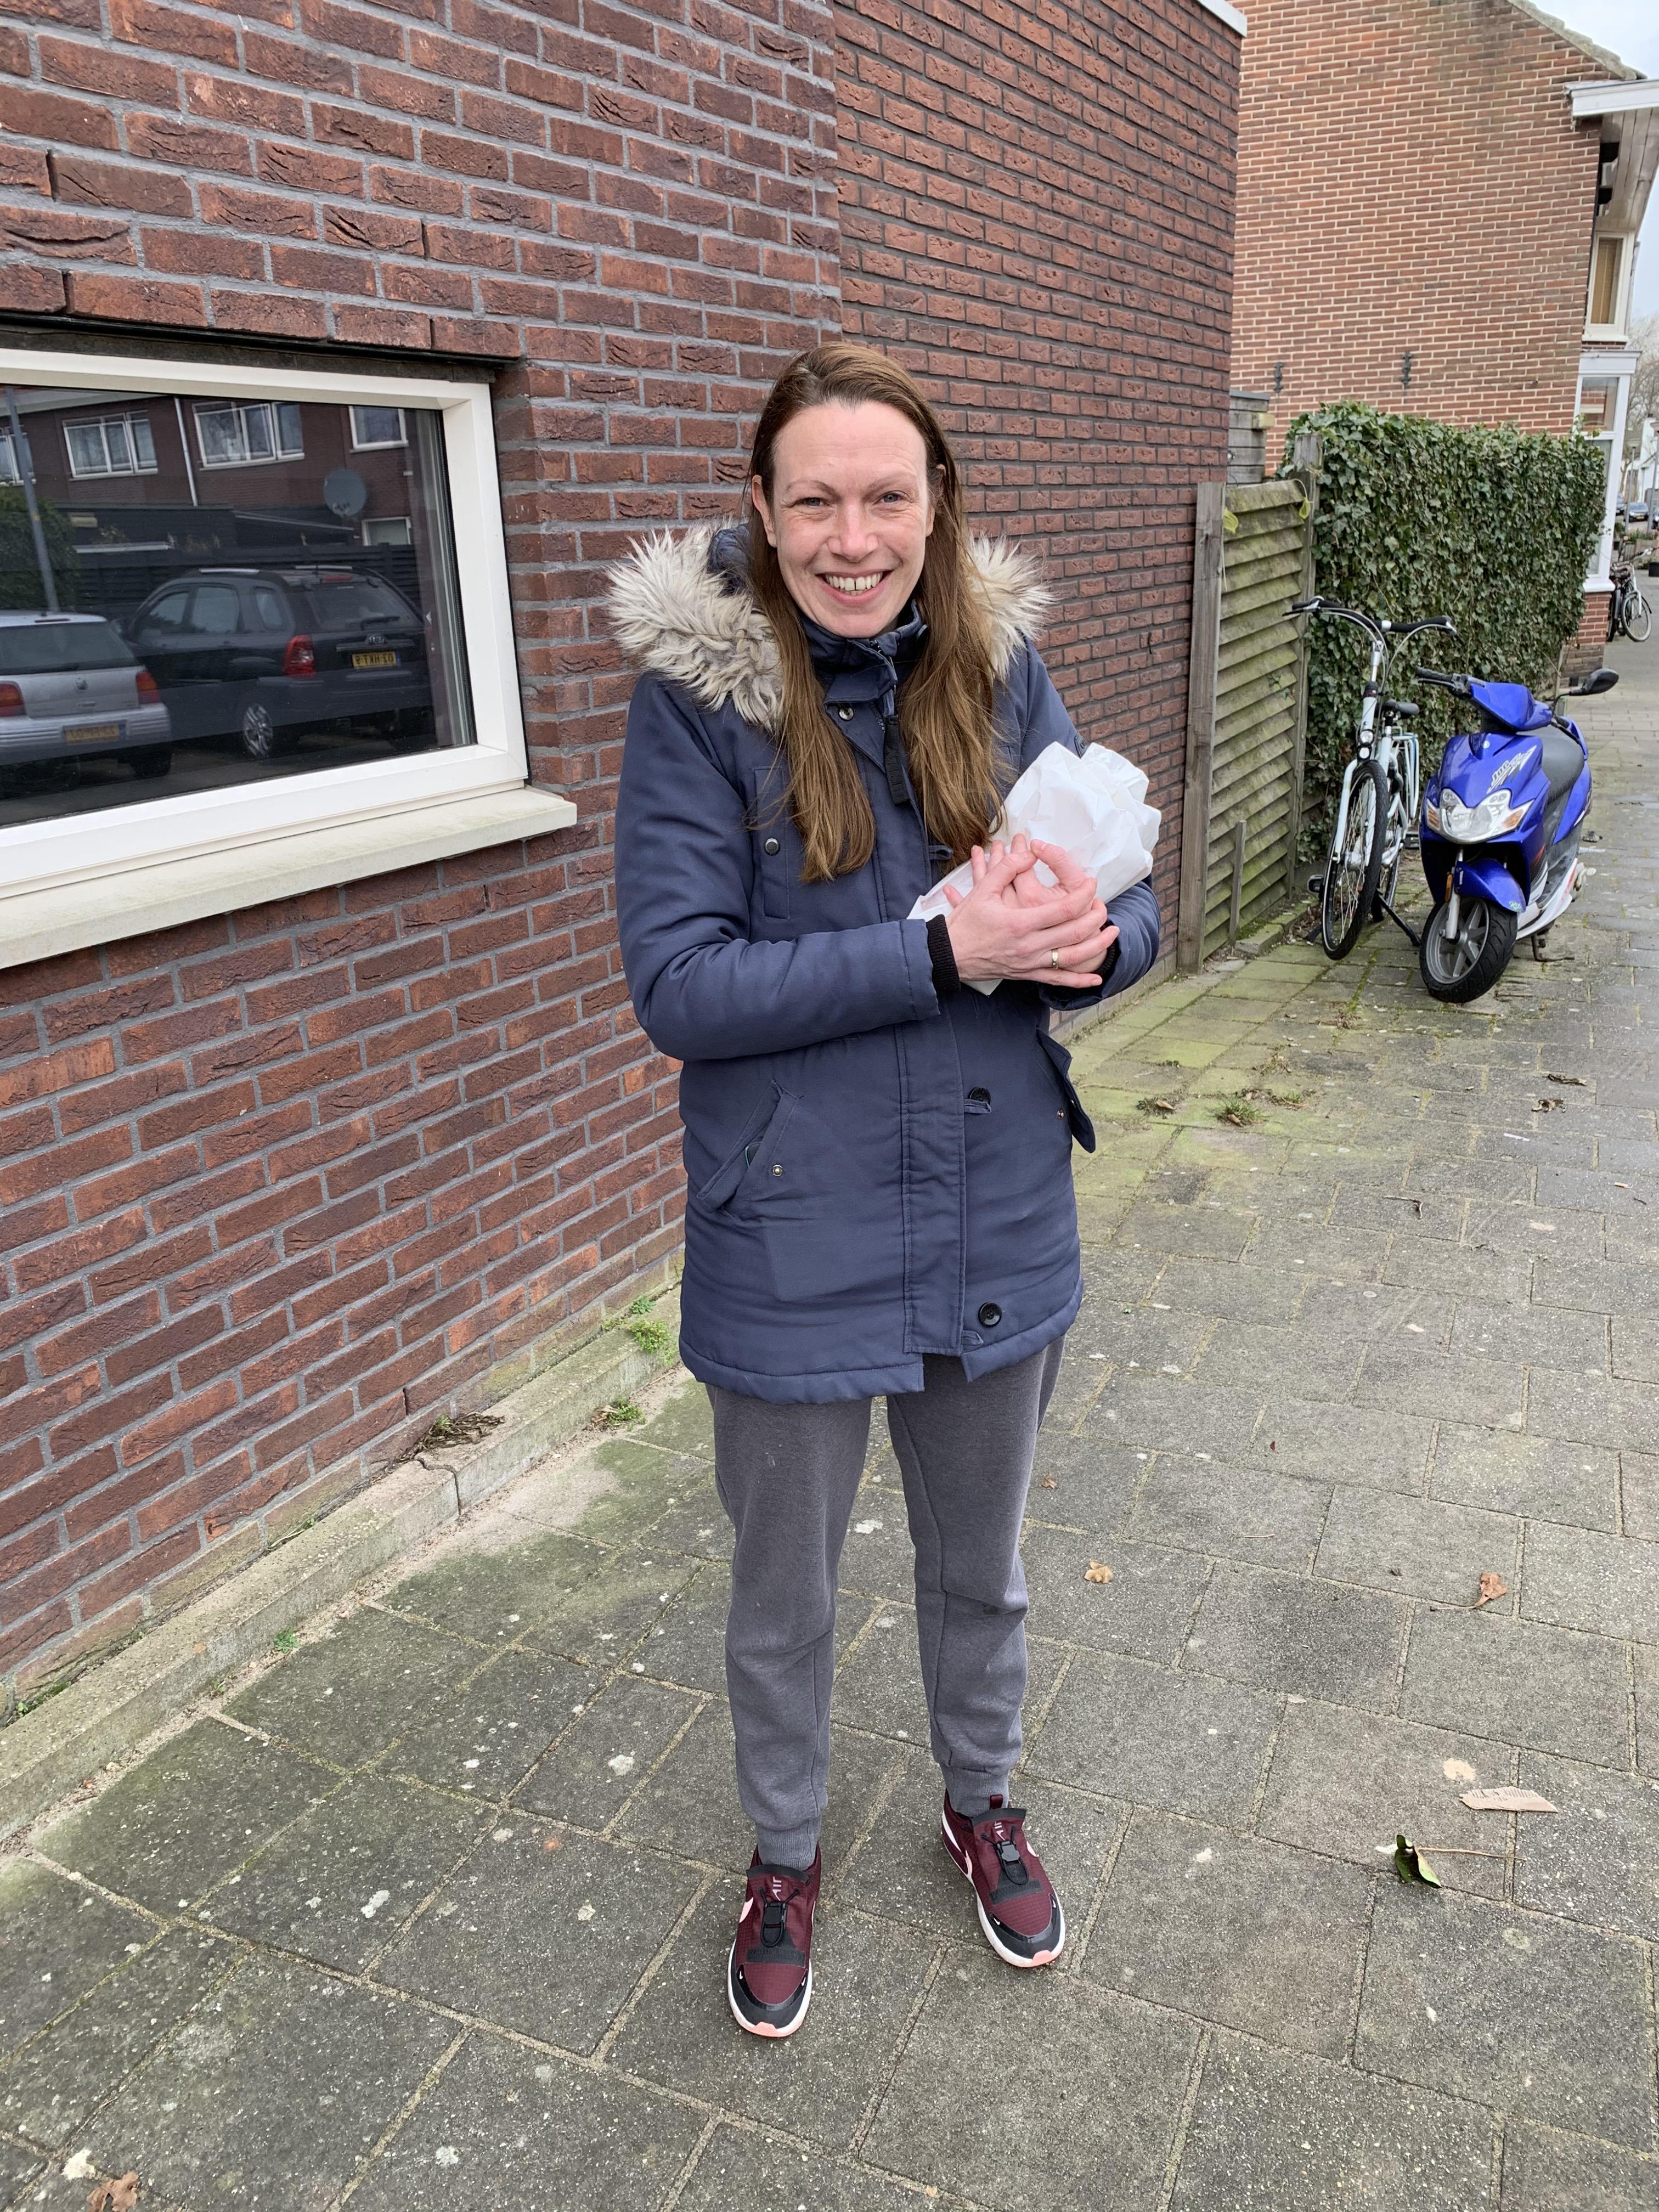 'Ik stemde niet, maar Rutte sleept ons zo goed door de coronacrisis heen'. De premier neemt Daniëlle op sleeptouw naar het stembureau